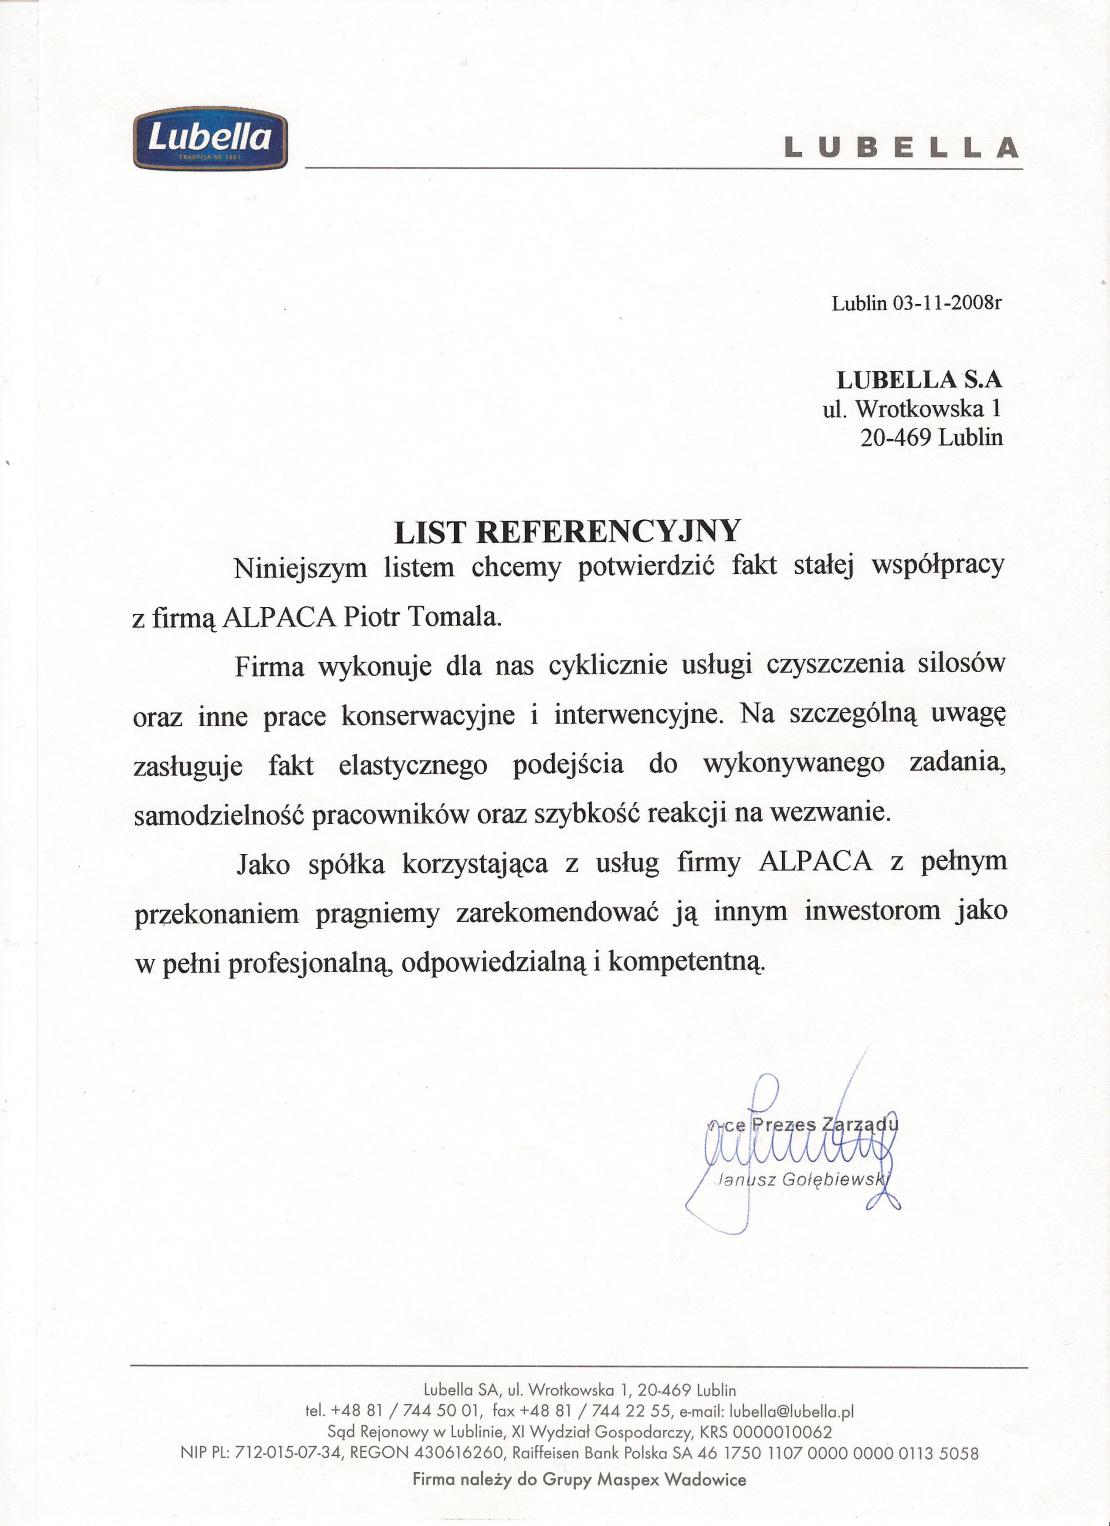 List referencyjny od firmy Lubella dotyczący czyszczenia silosów.